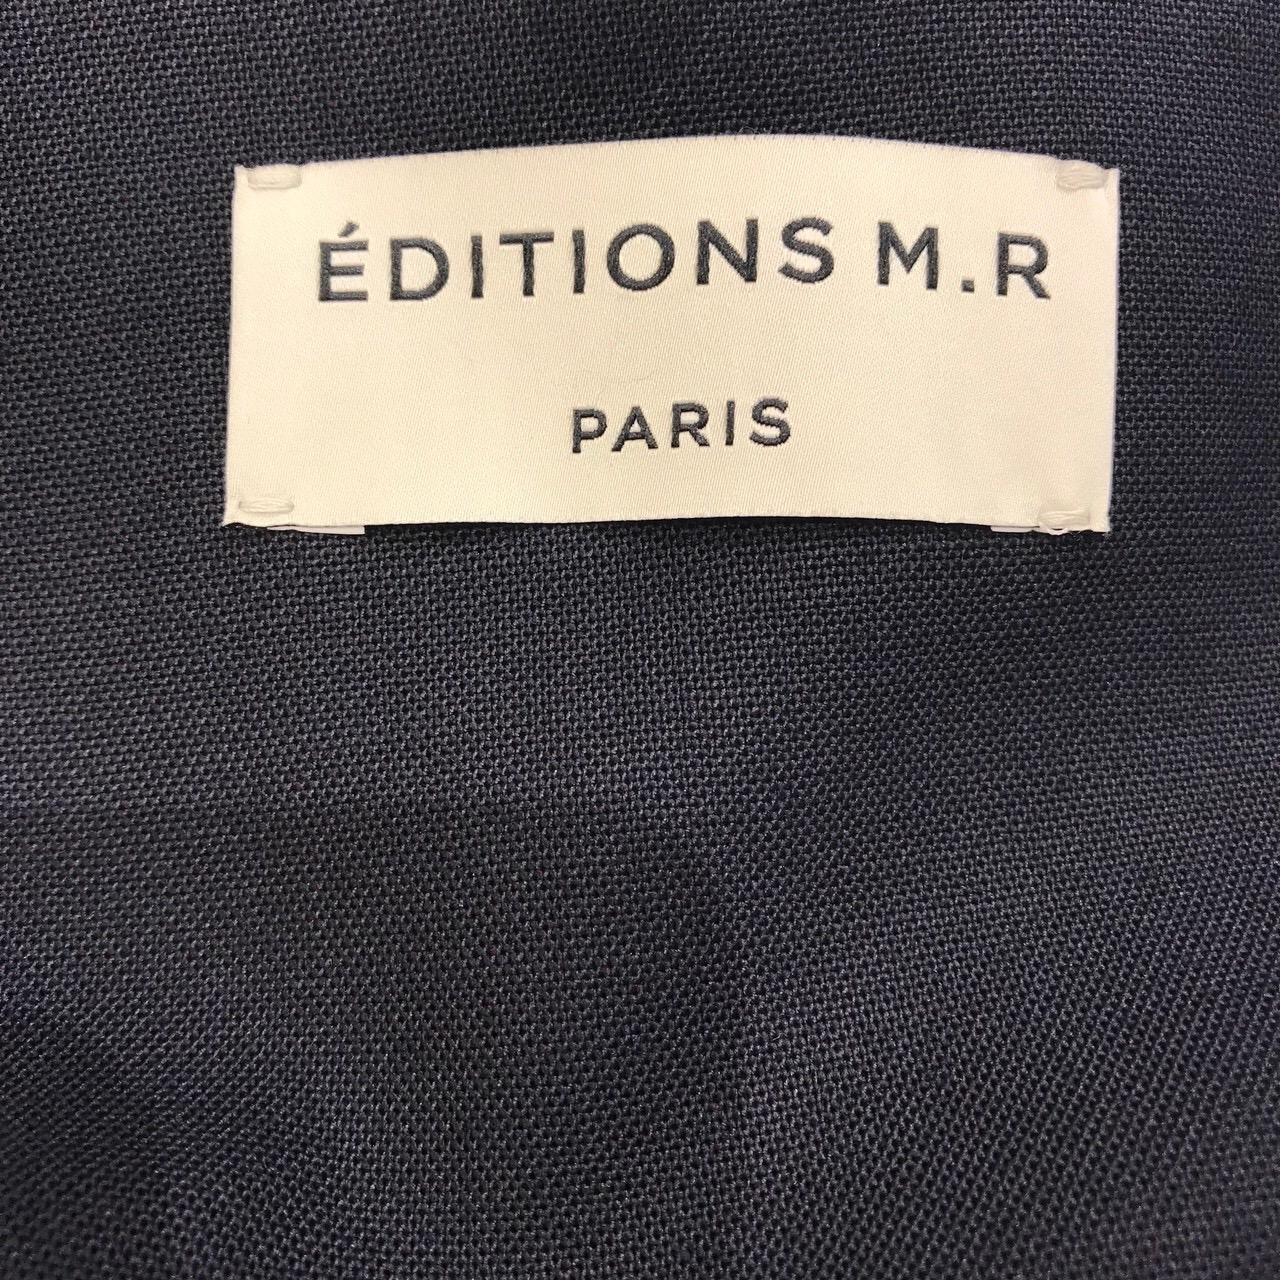 Editions M.R